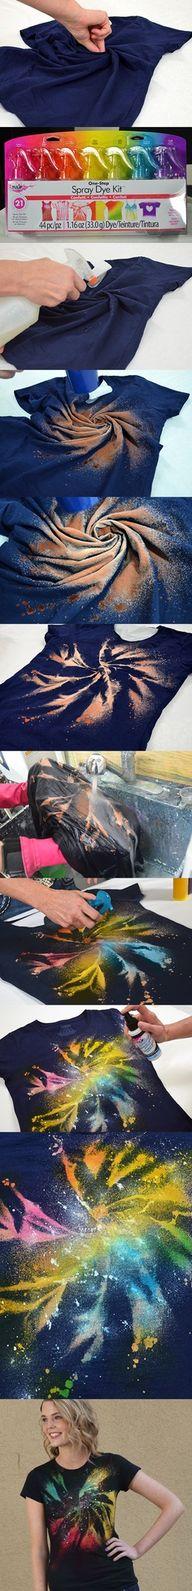 Spray bleach, then c